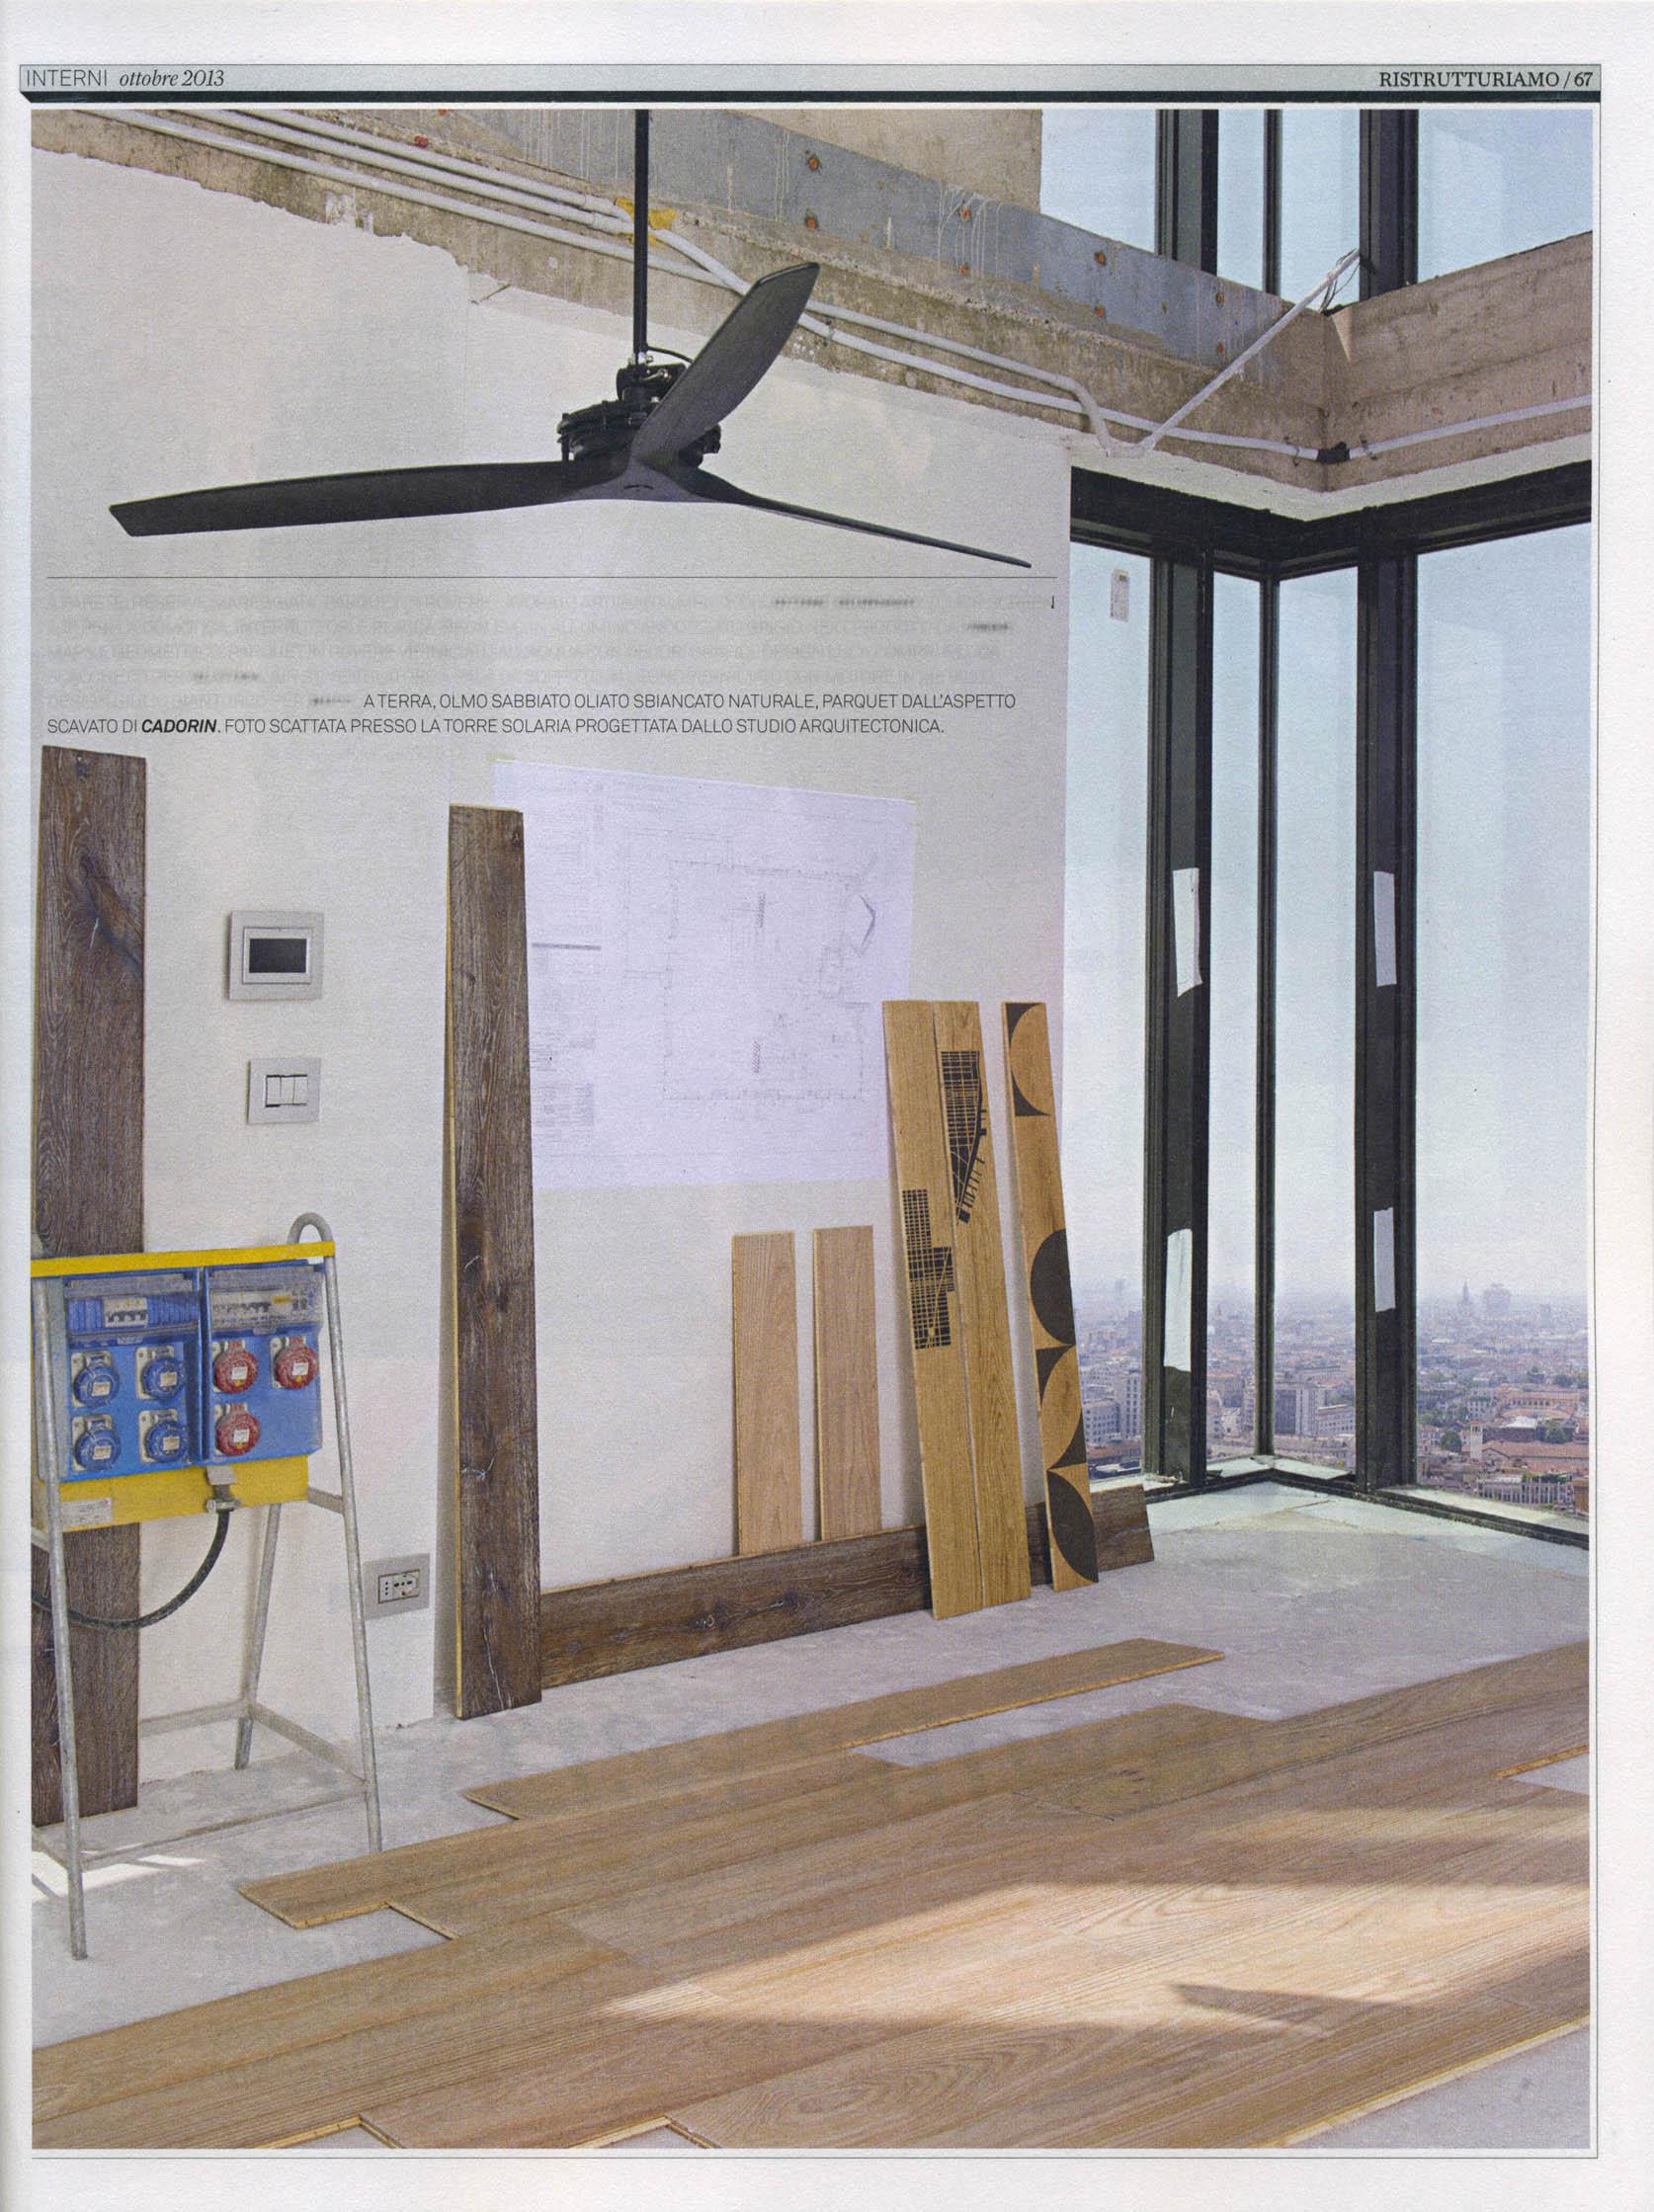 Parquet in legno su riviste arredamento ottobre 2013 cadorin for Riviste di arredamento casa